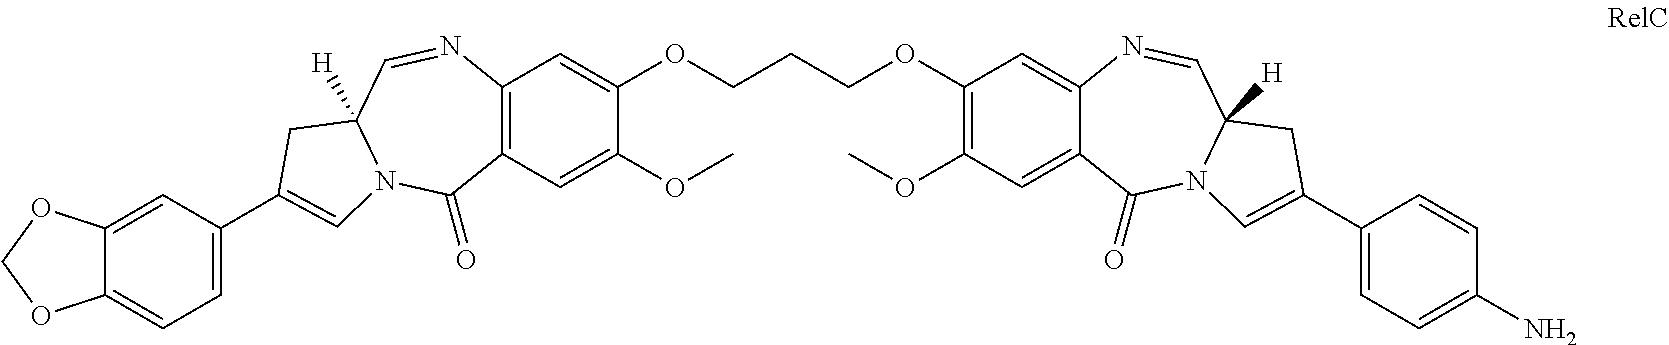 Figure US09919056-20180320-C00038